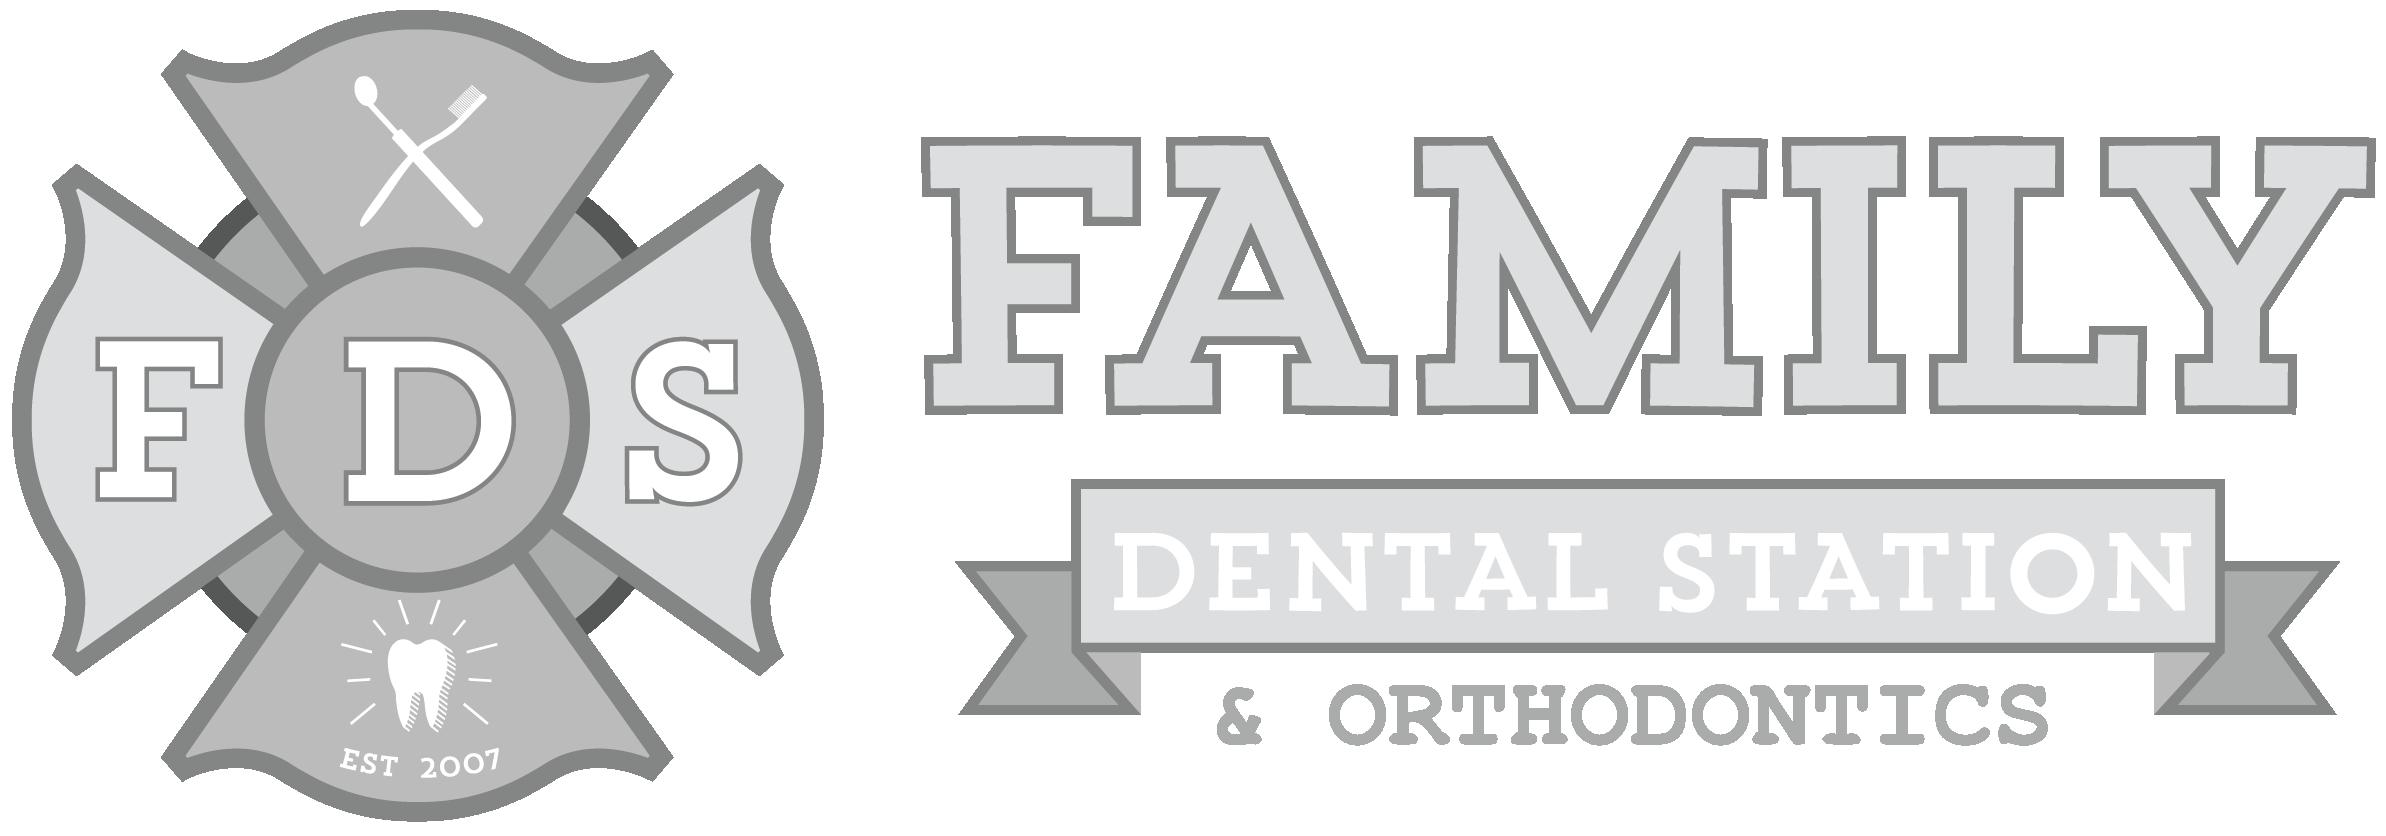 family dentist family dental station glendale scottsdale sun city west az white logo